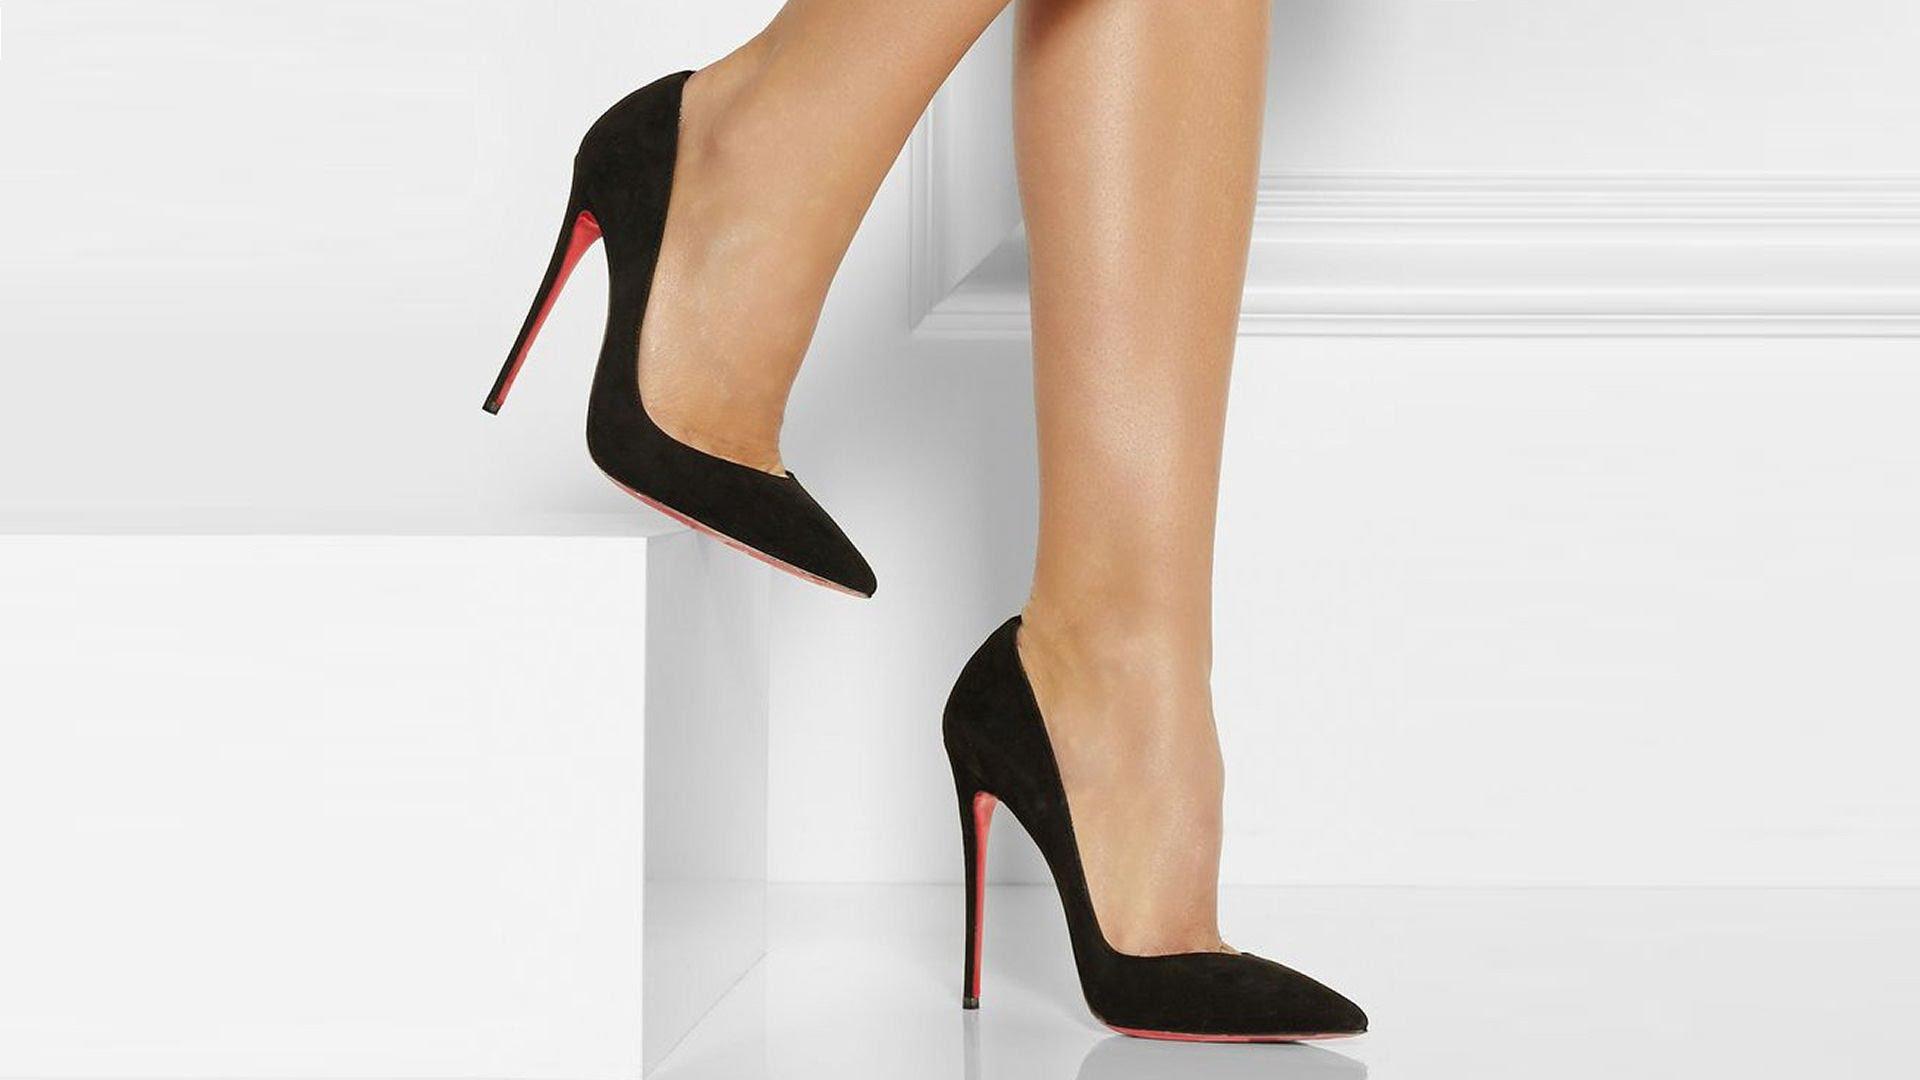 Topuklu ayakkabı kadınları neden daha çekici gösteriyor?